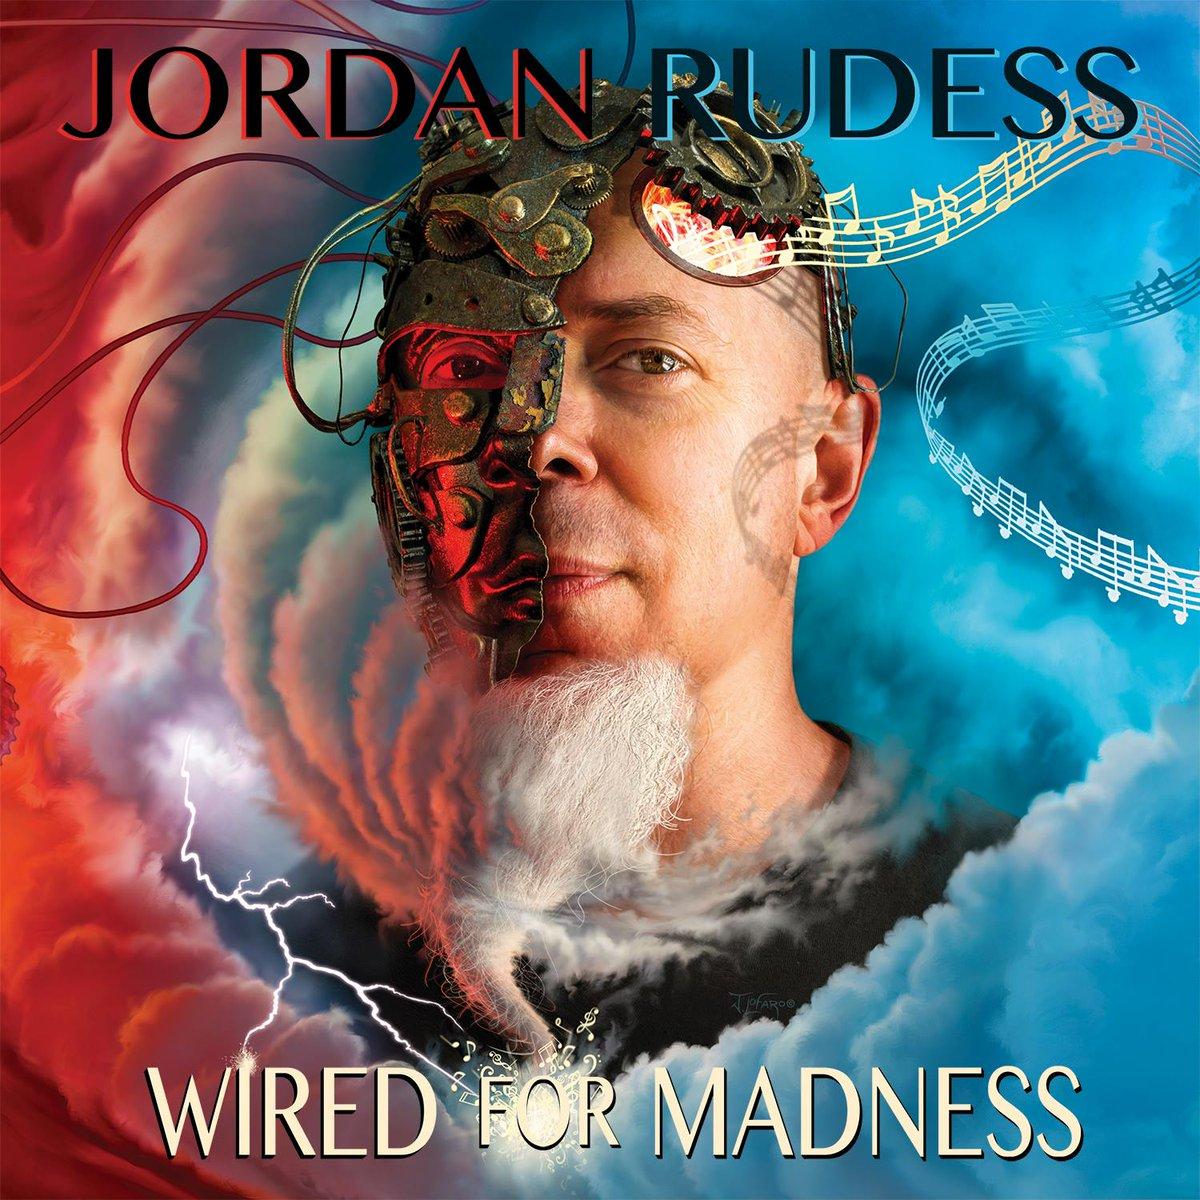 ac164e2b595 Jordan Rudess (@Jcrudess)   Twitter